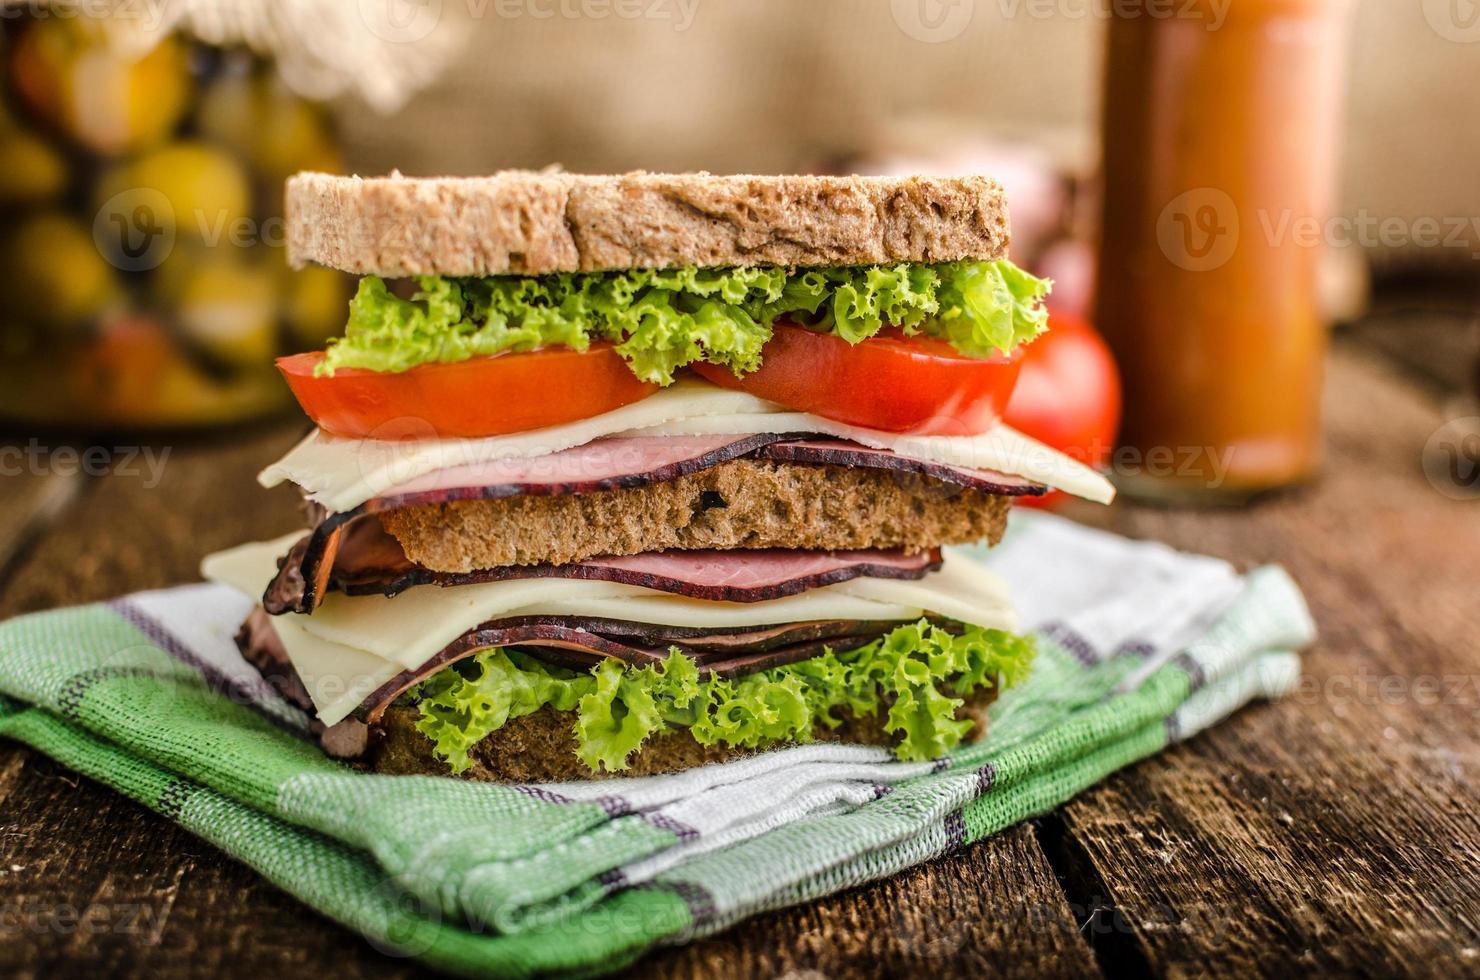 Sandwich mit geräuchertem Fleisch foto